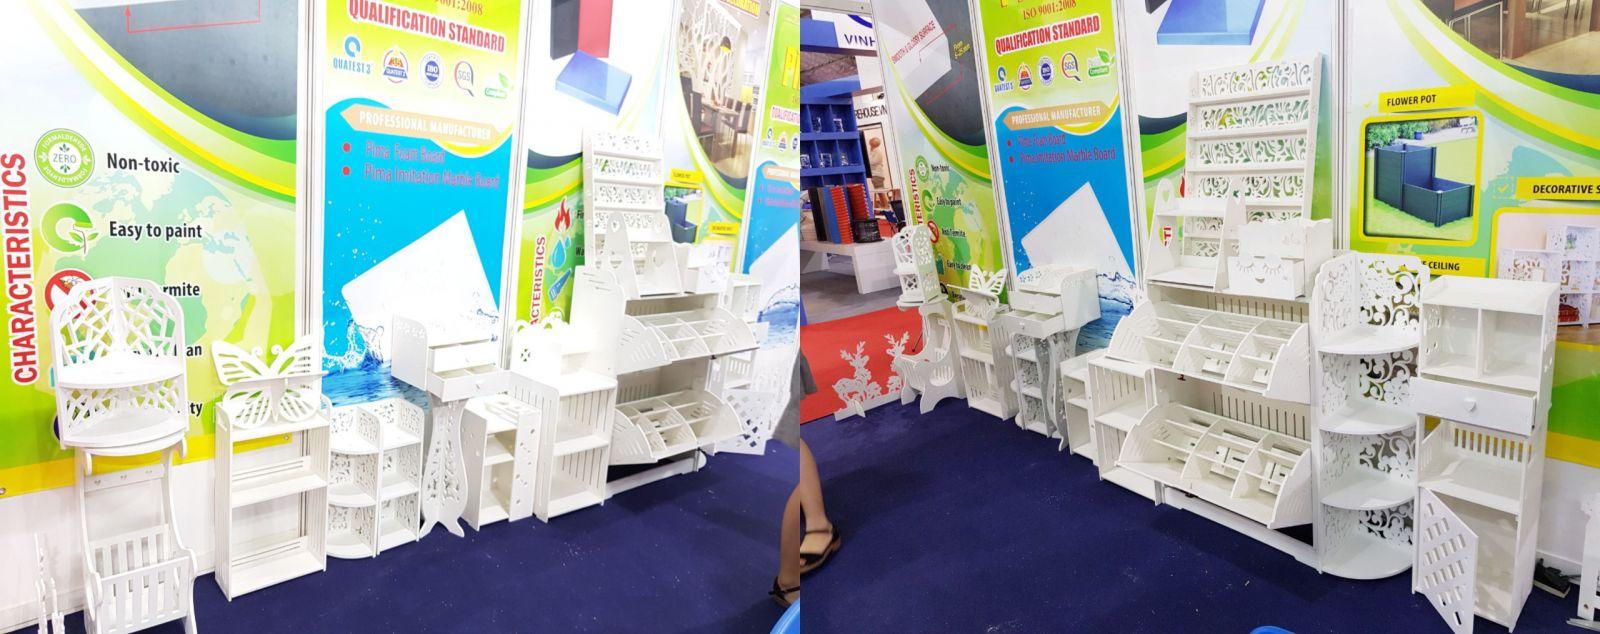 Tấm ván nhựa Pima tại hội chợ VIETBUILD thật ấn tượng